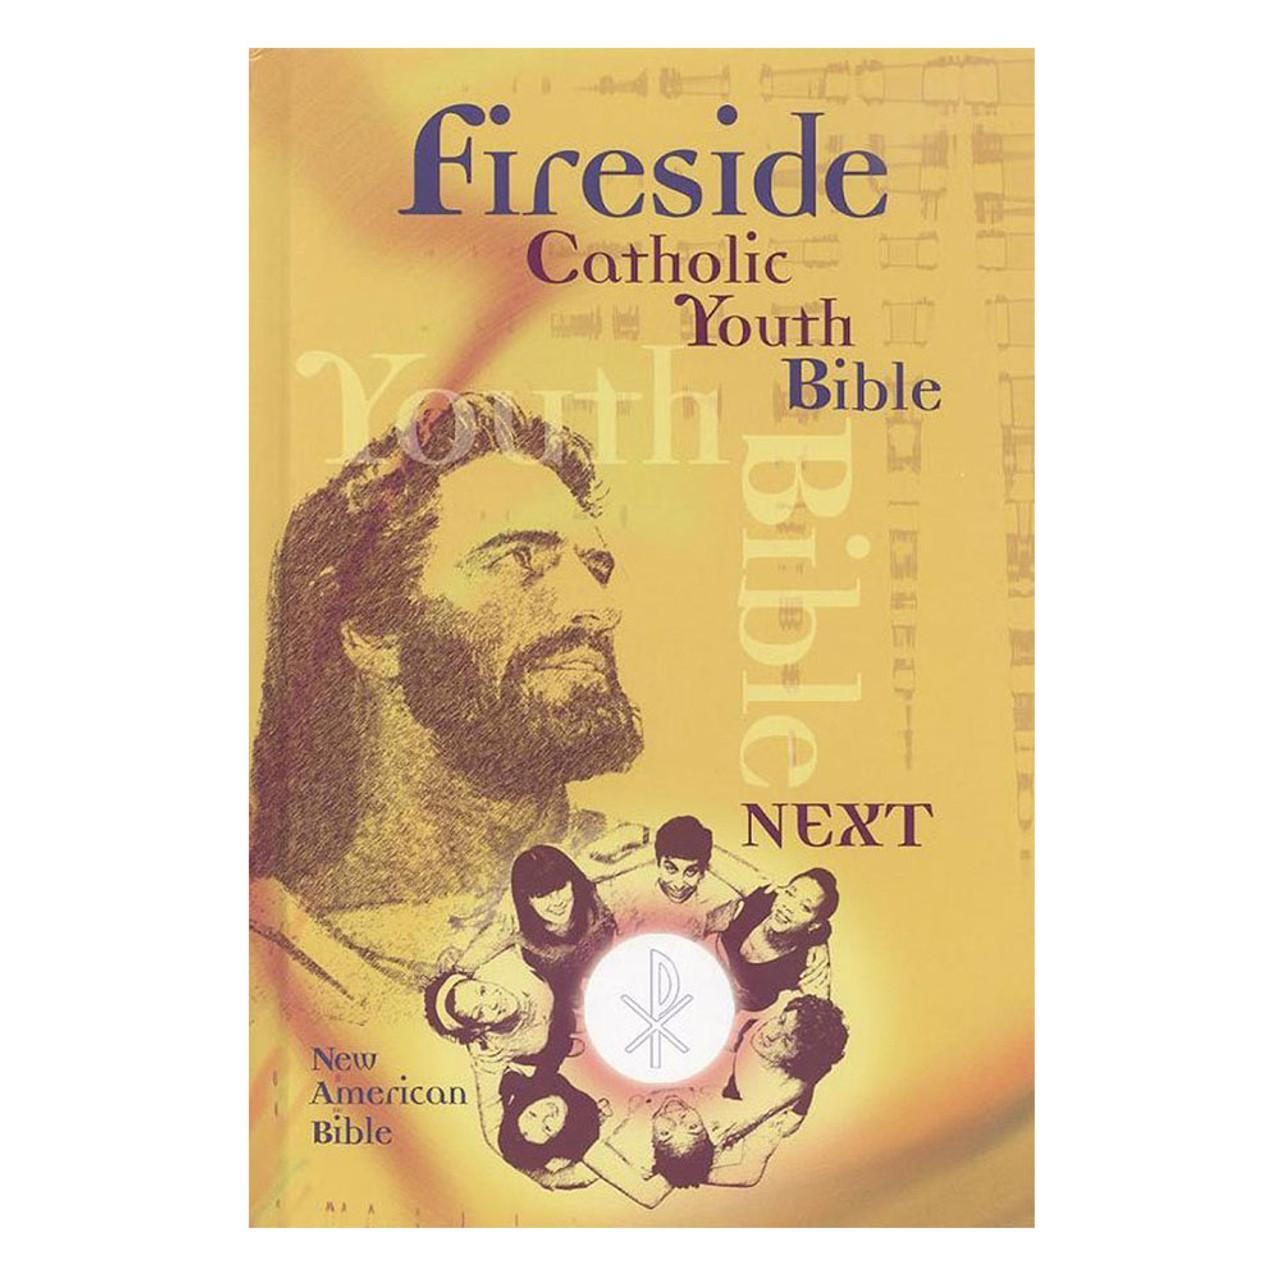 Fireside Catholic Youth Bible Next